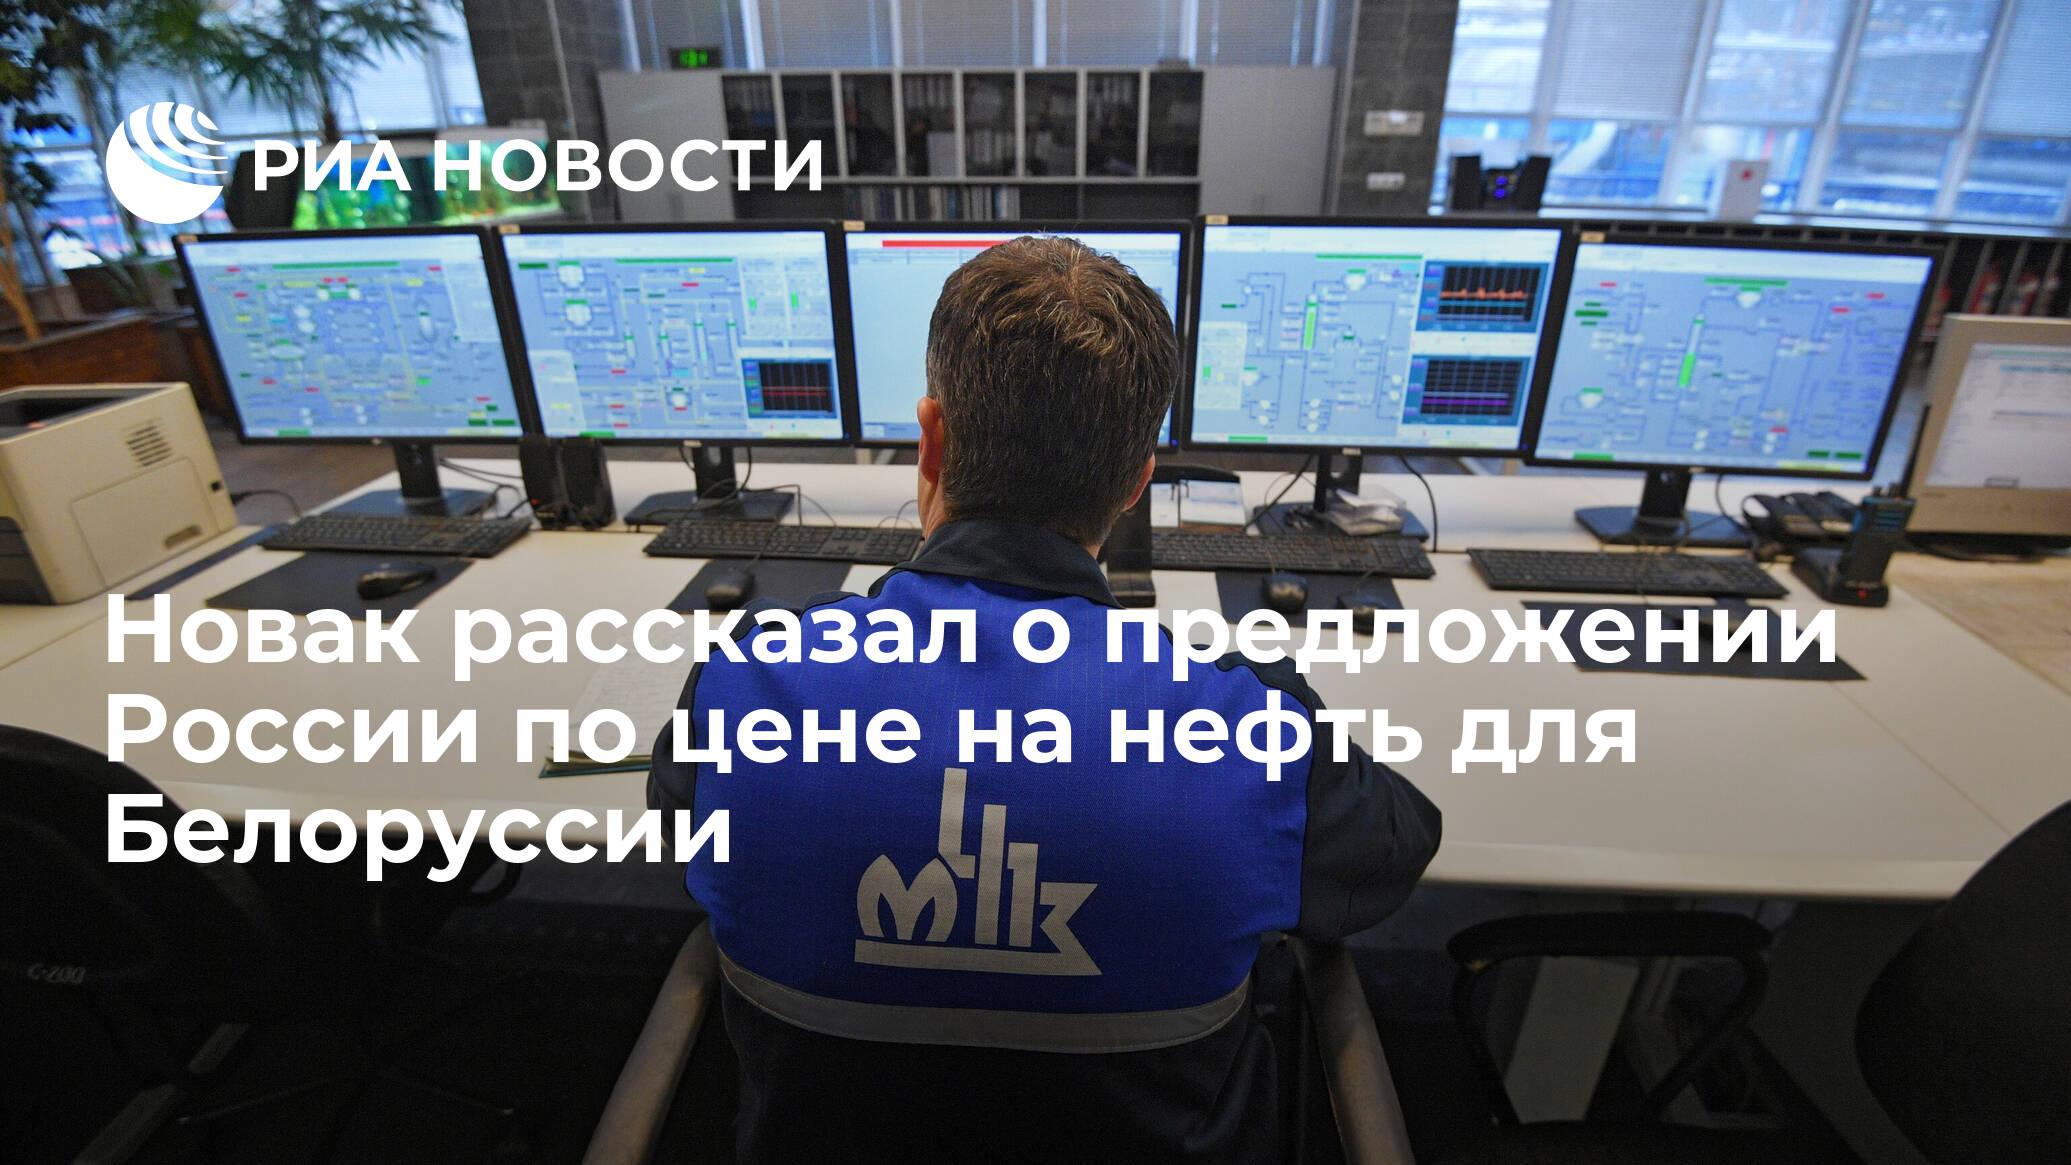 Новак рассказал о предложении России по цене на нефть для Белоруссии